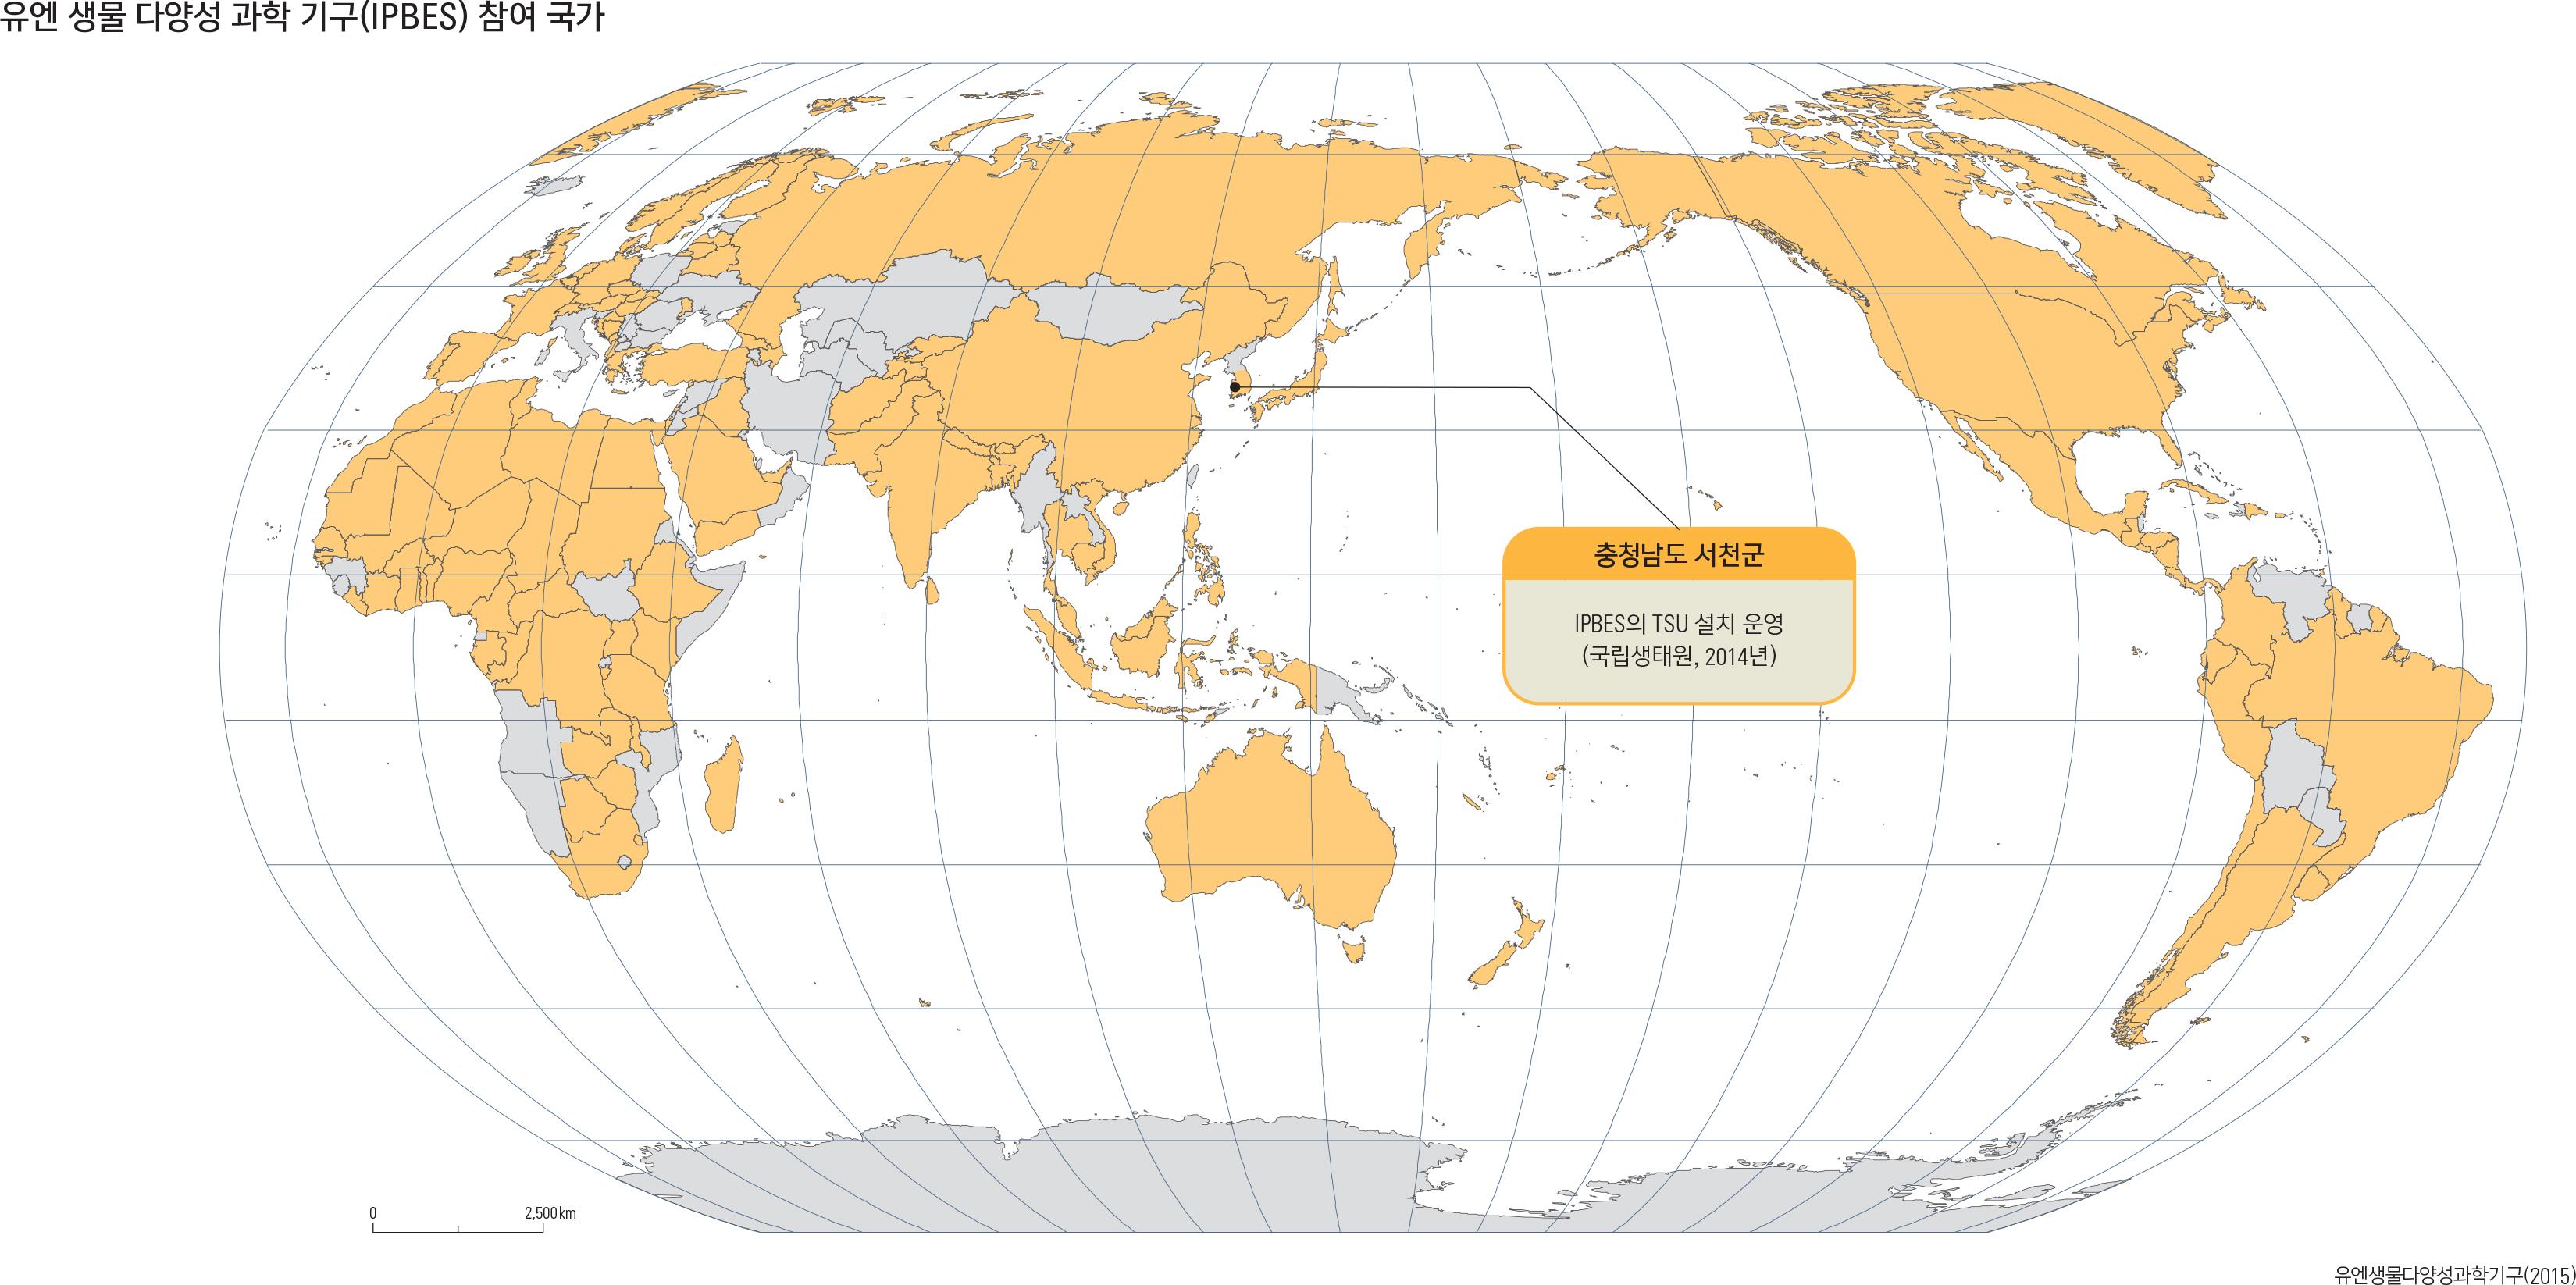 유엔 생물 다양성 과학 기구(IPBES) 참여 국가